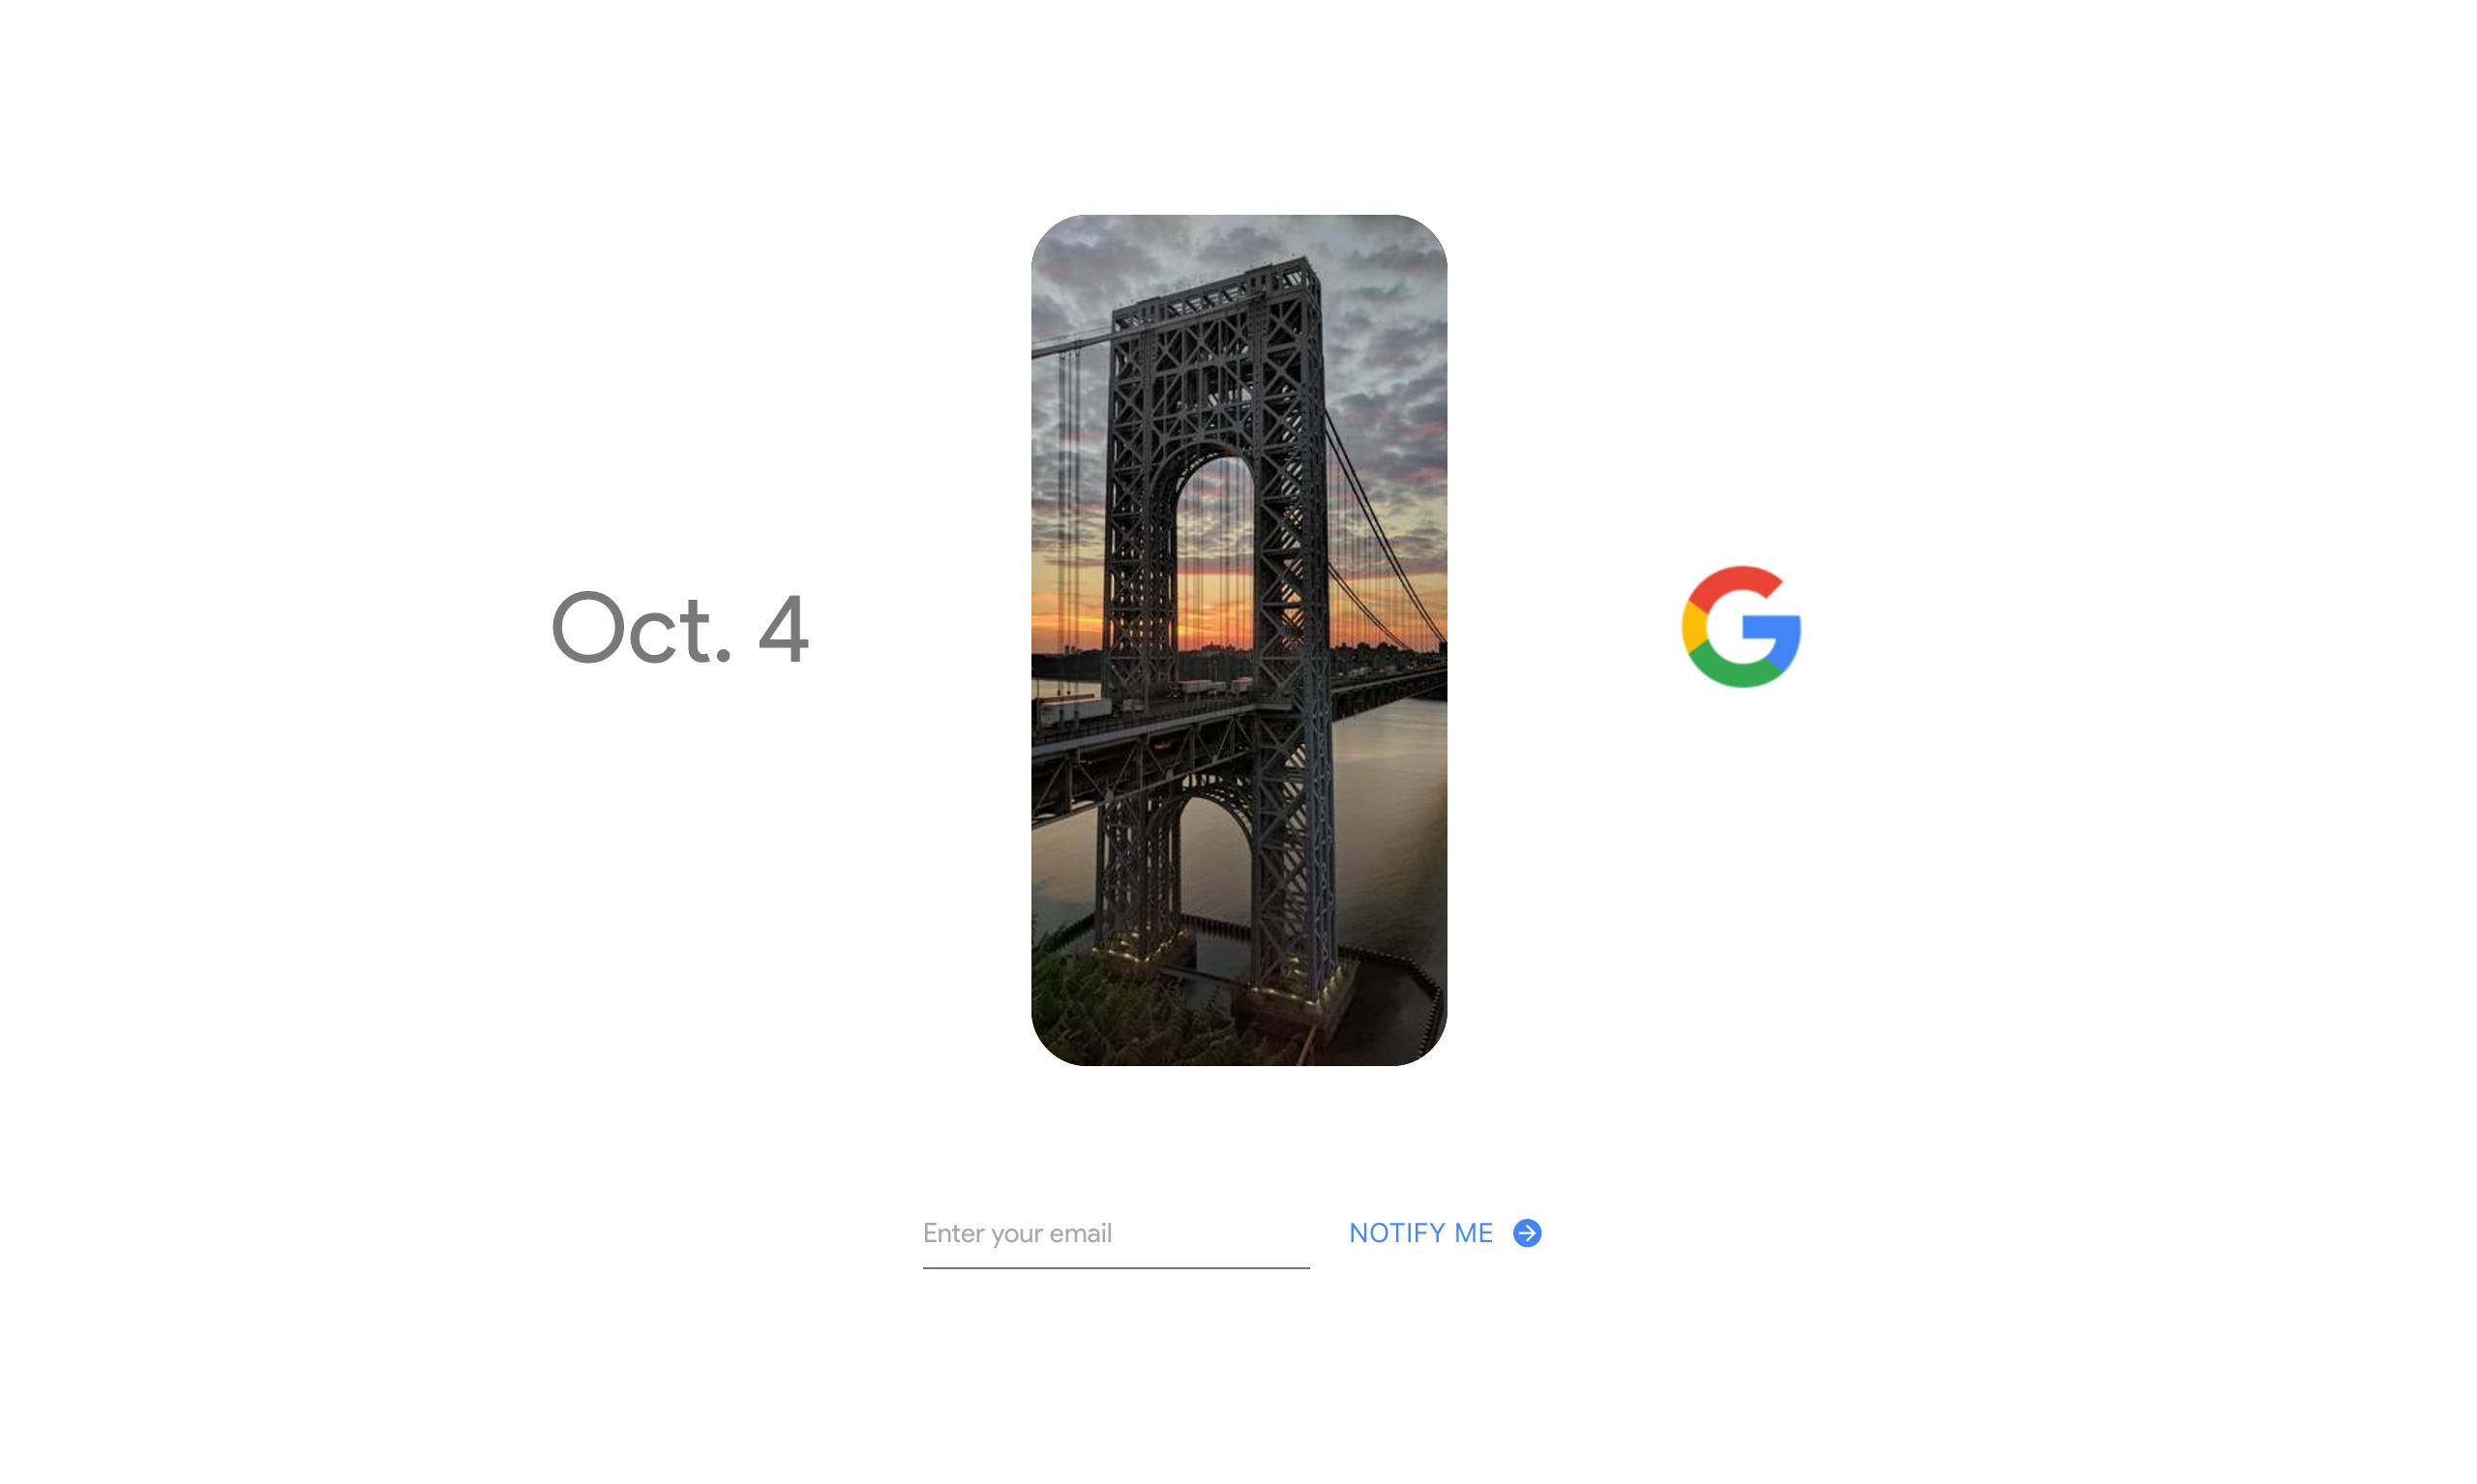 Oct. 4 – Google Website Screenshot